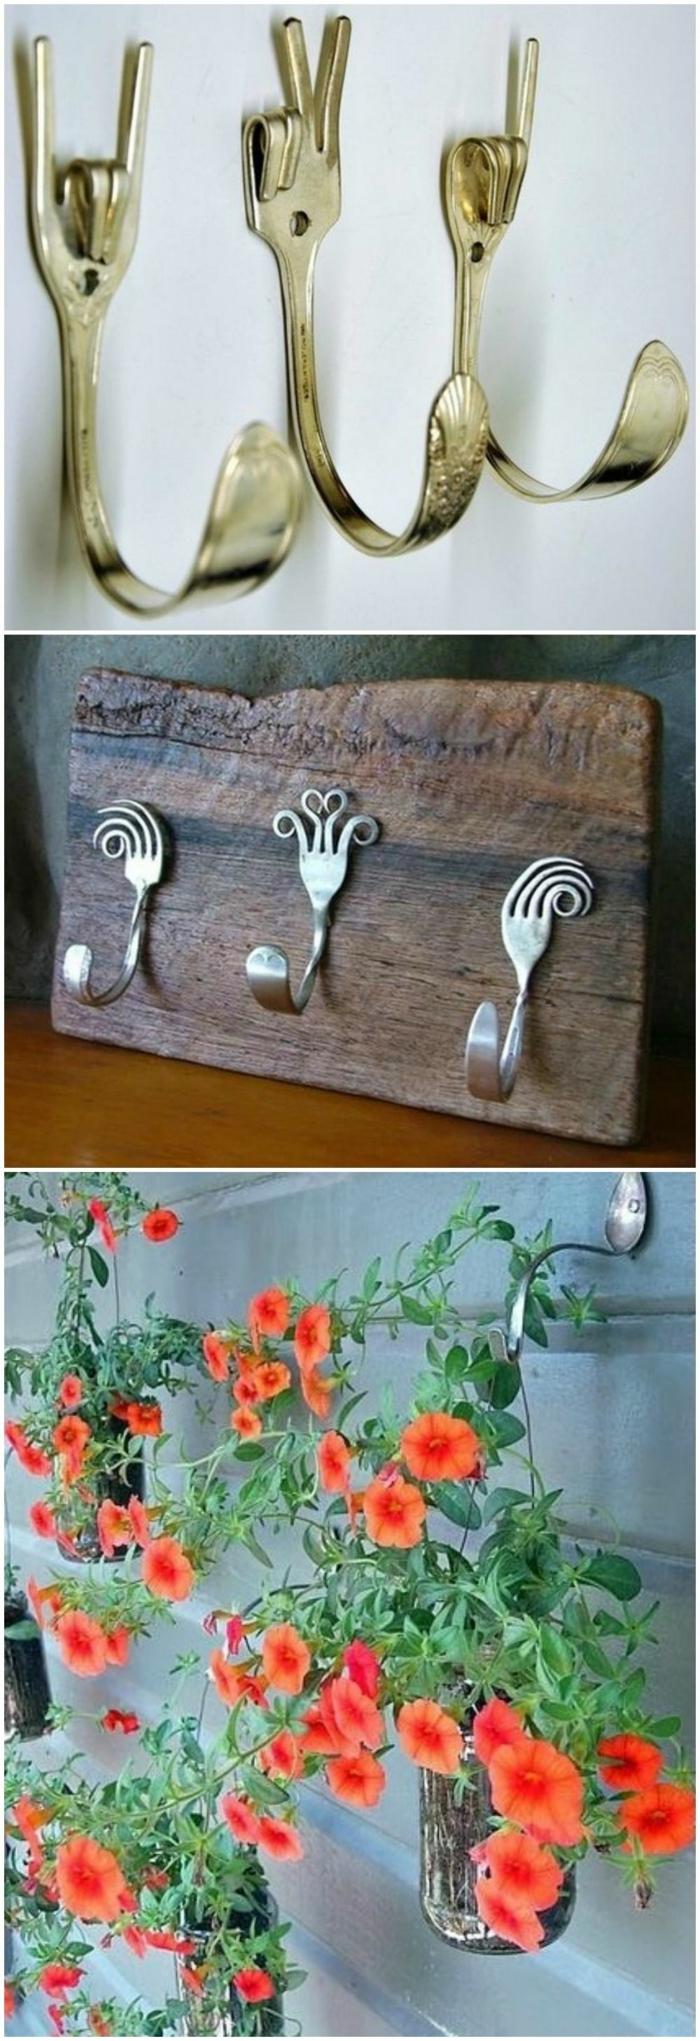 fourchettes porte clés mural